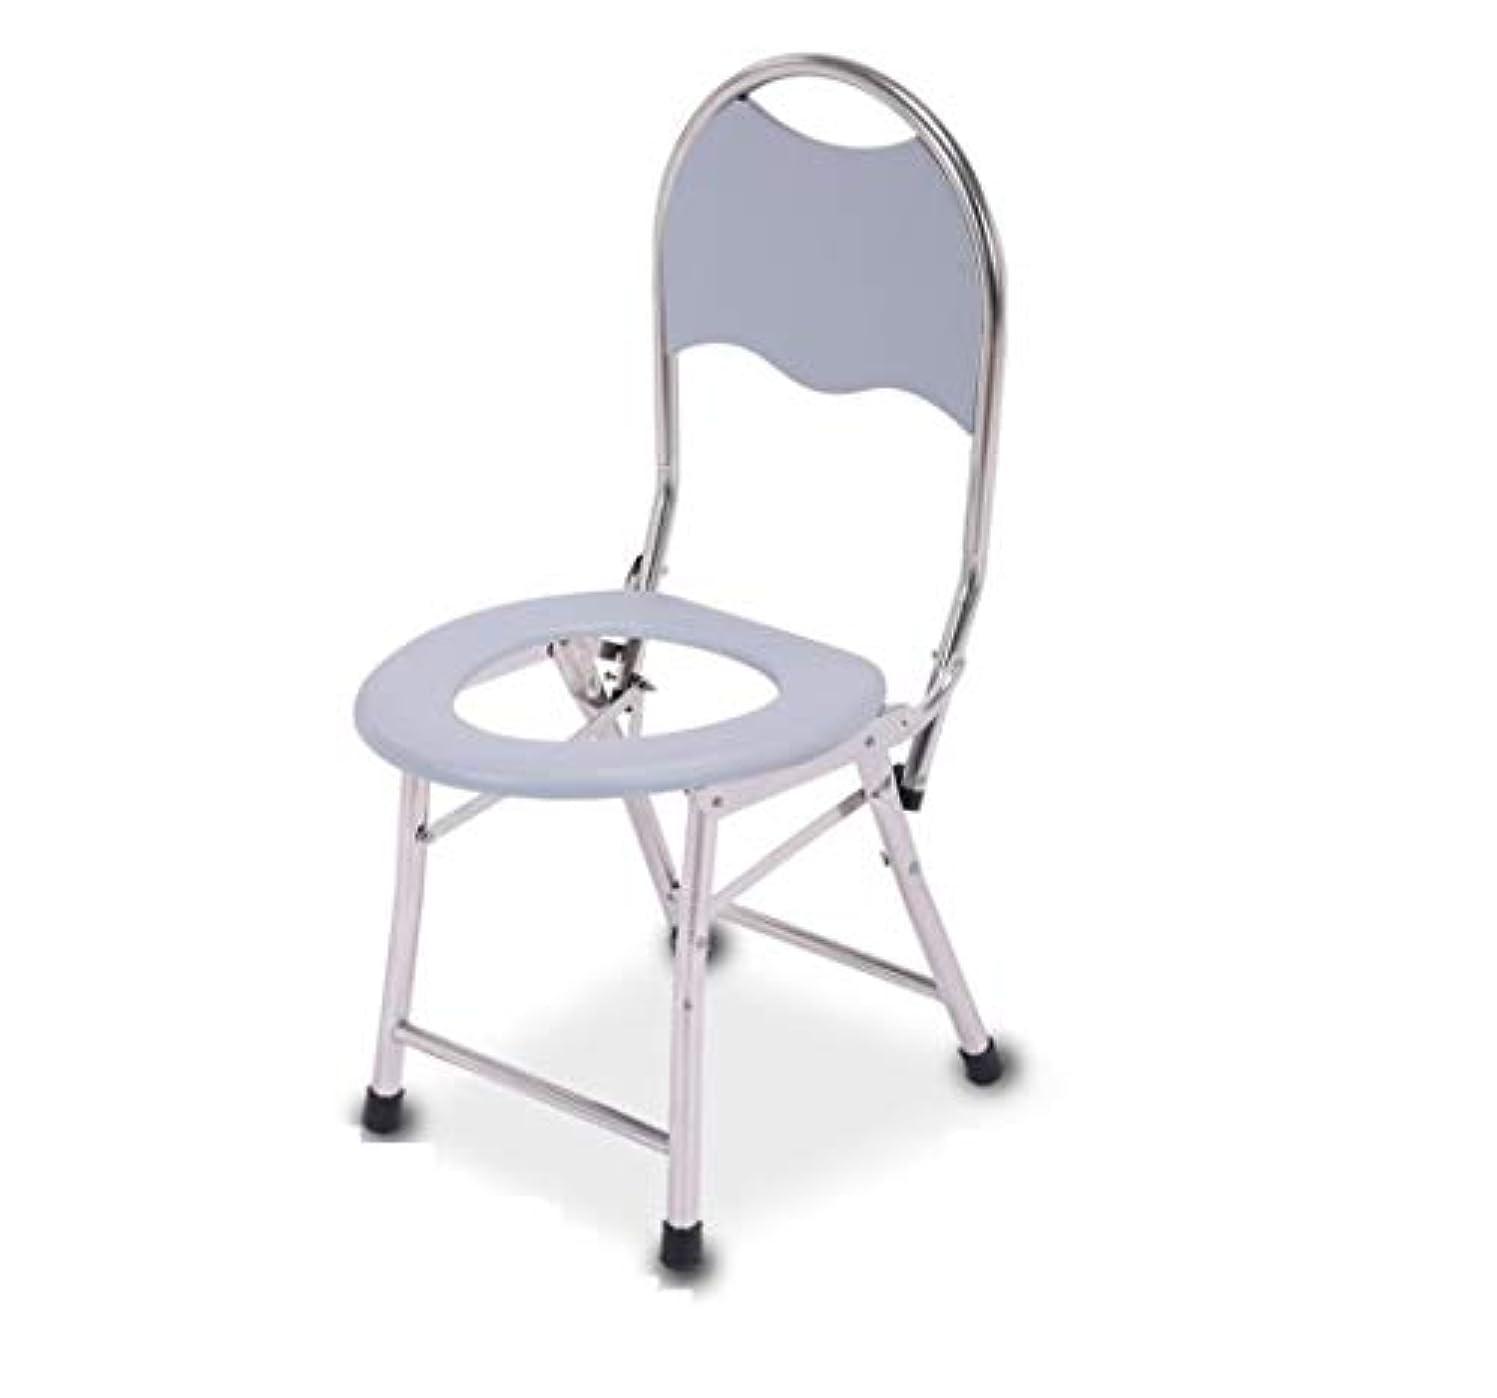 マインドフルモールス信号豪華な便器椅子、大人用便座、安全ステンレス鋼滑り止めシャワー椅子、携帯用しゃがむパン